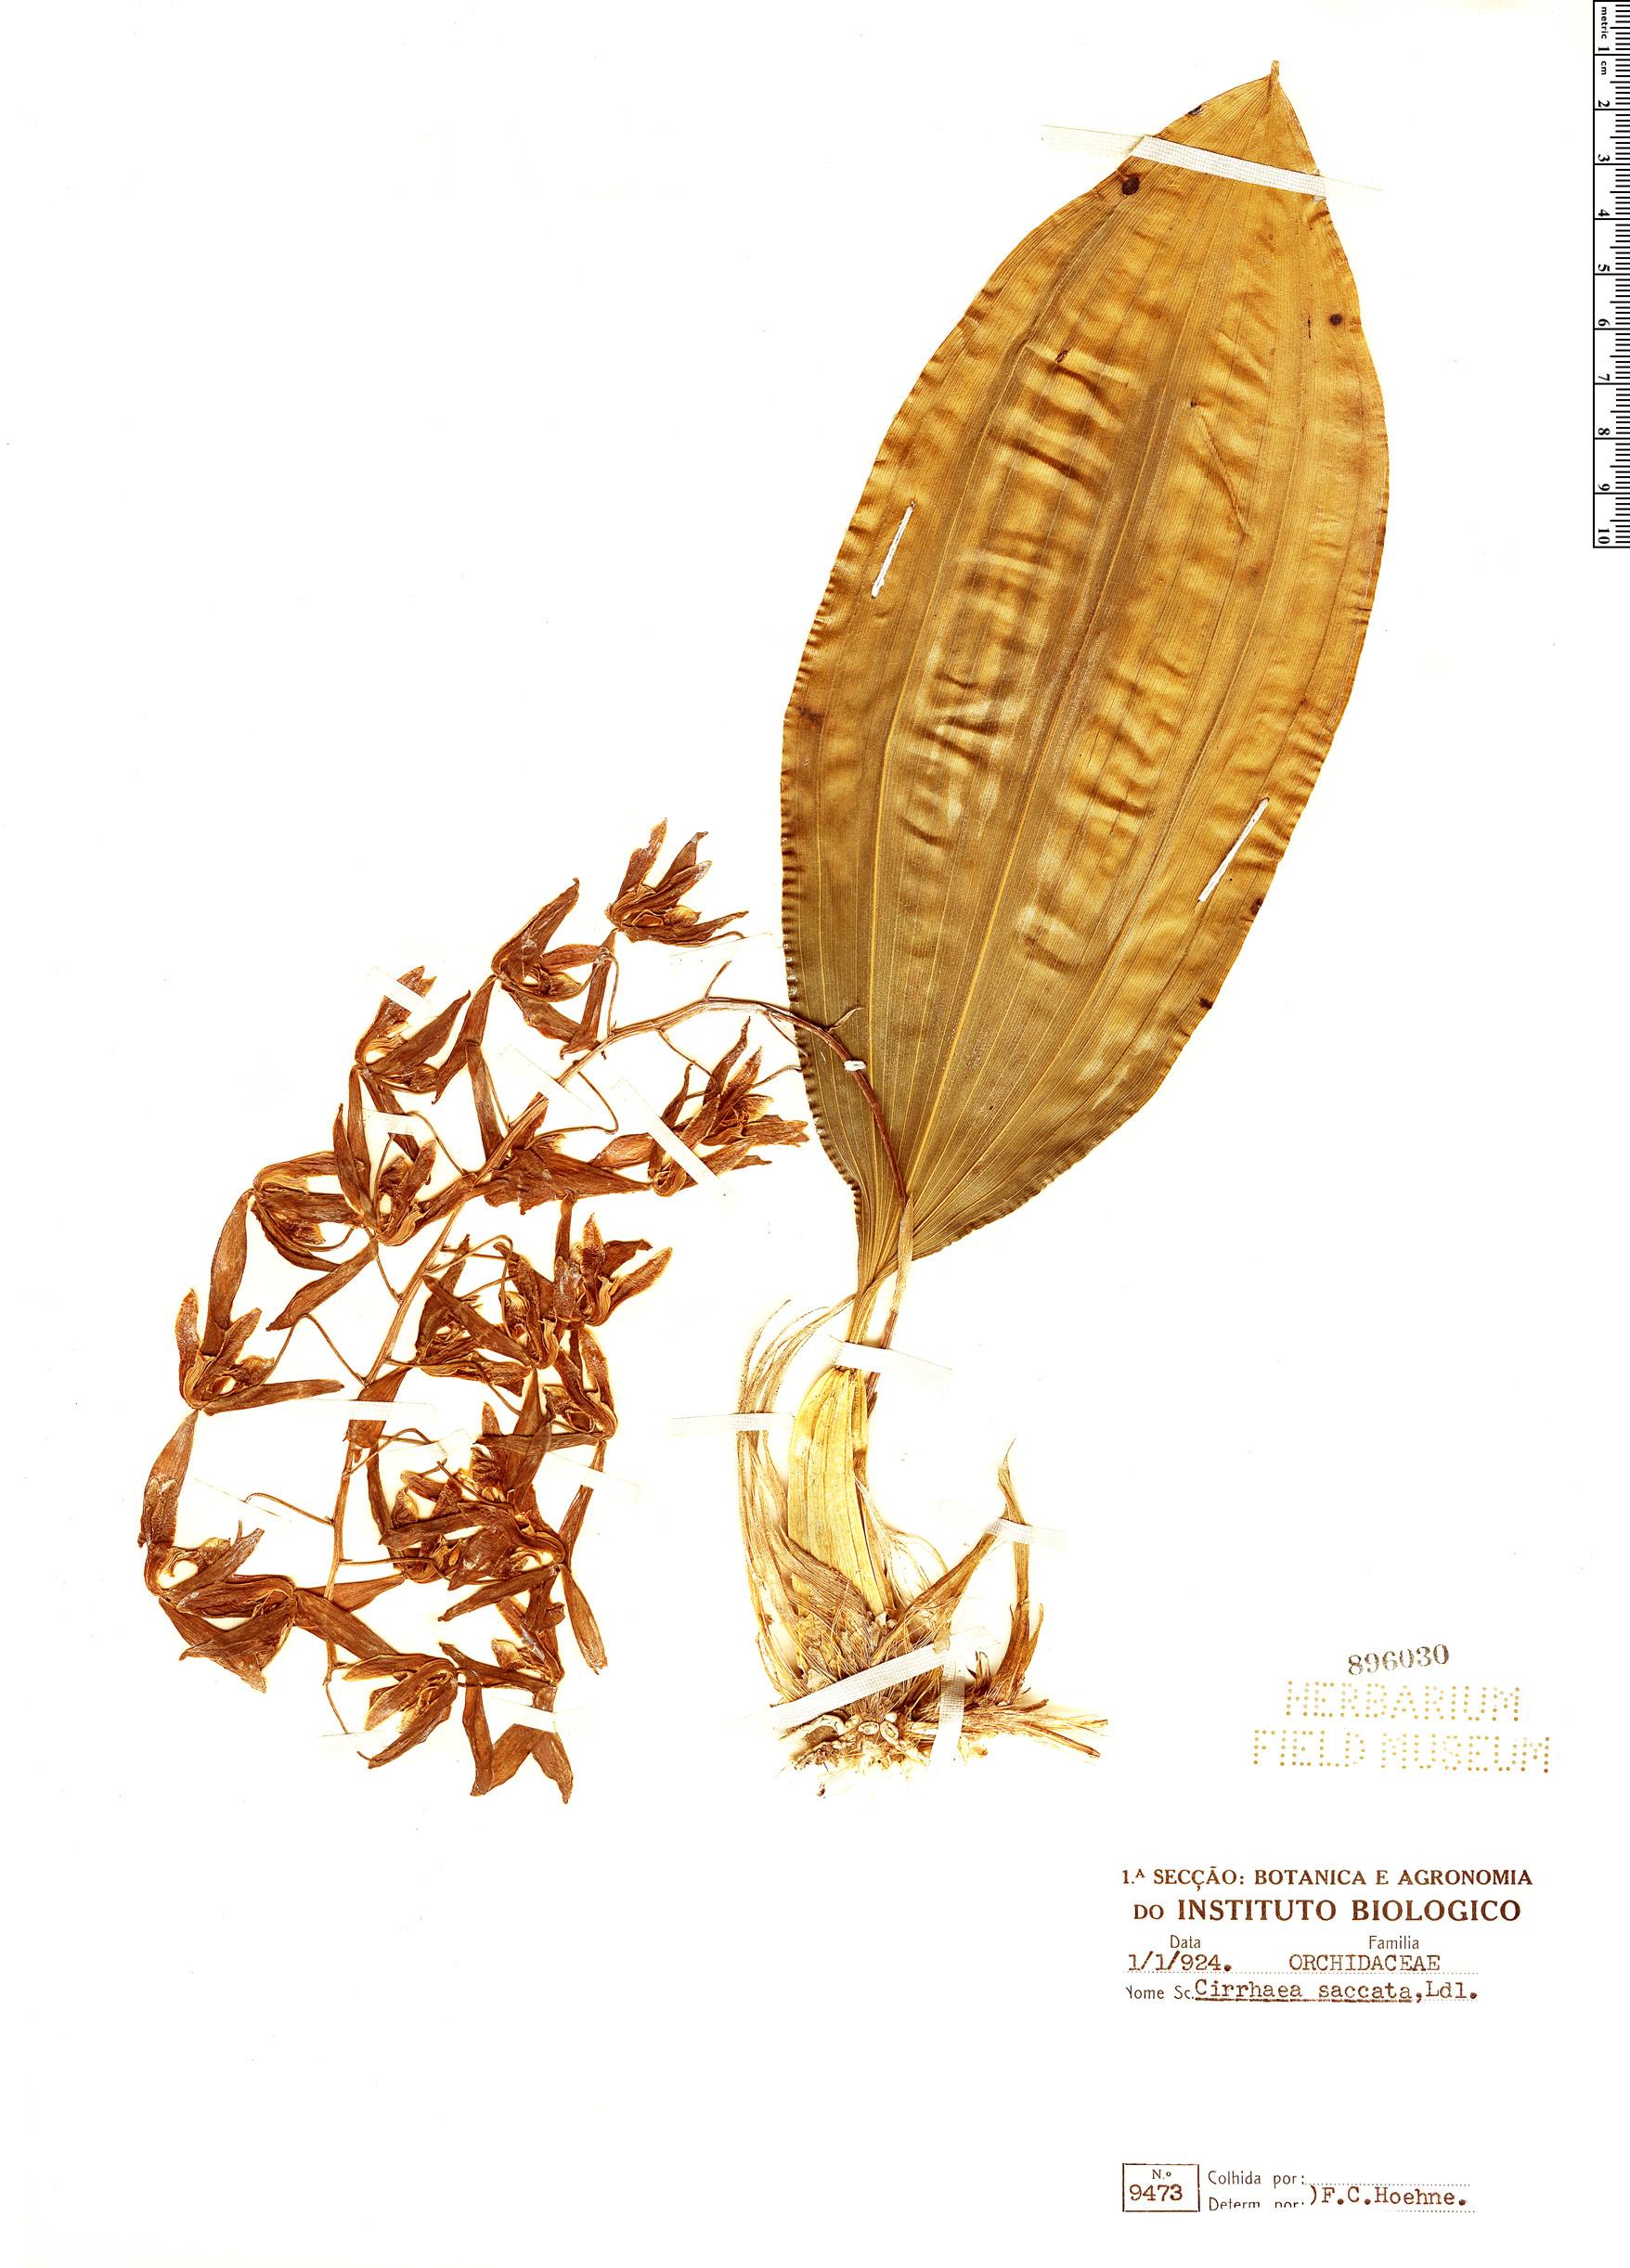 Specimen: Cirrhaea saccata